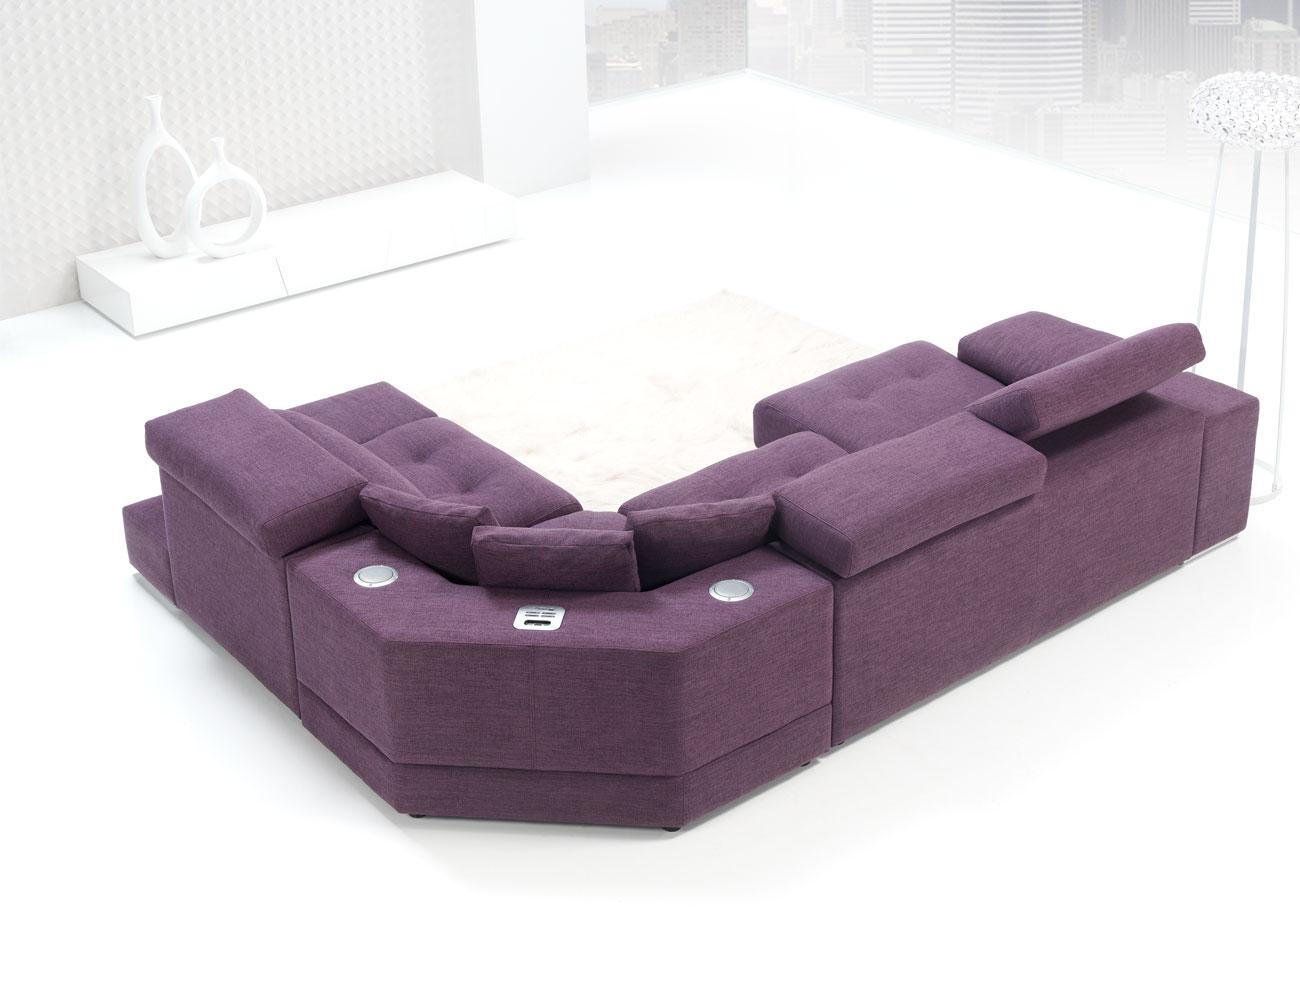 Sofa chaiselongue rincon con brazo mecanico tejido anti manchas 36